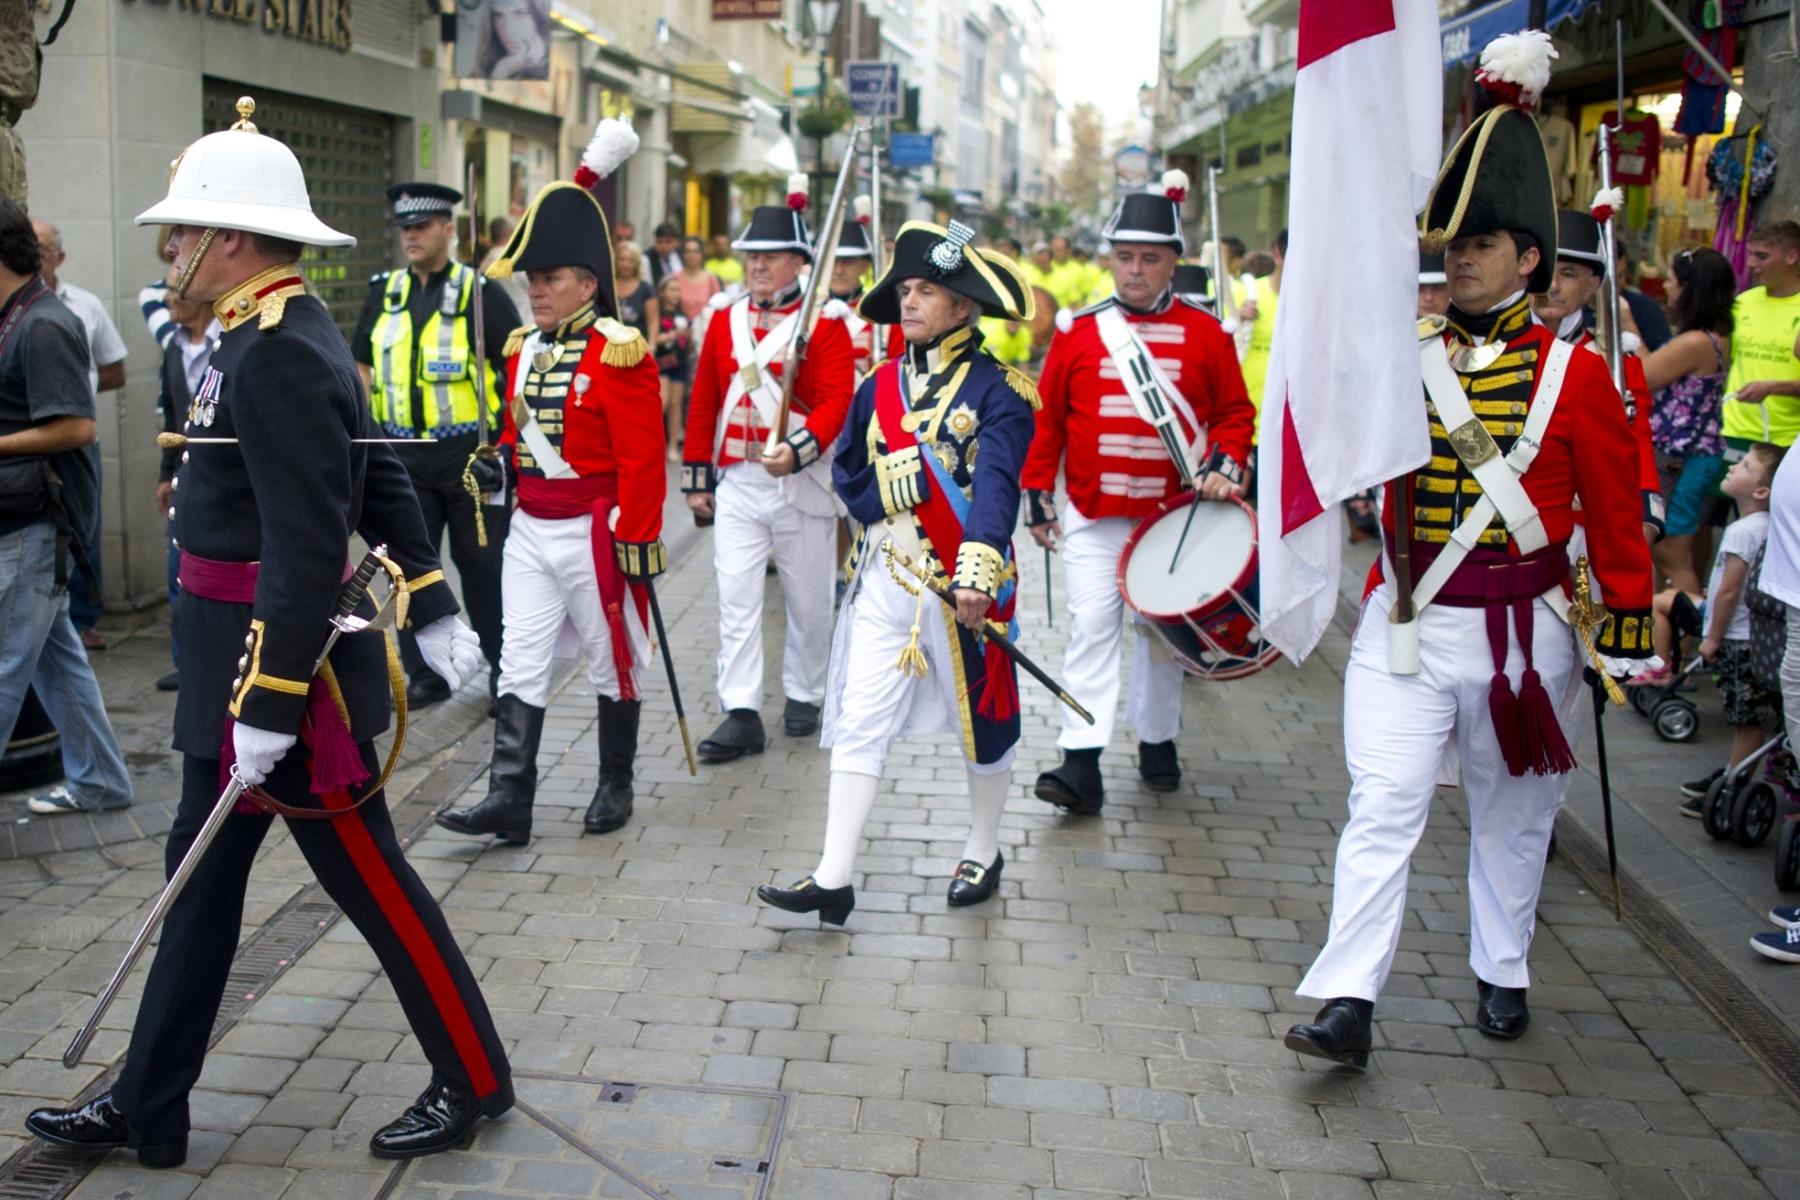 henry-cavill-en-la-carrera-del-350-aniversario-de-los-royal-marines-en-gibraltar-25-octubre-201416_15437116099_o